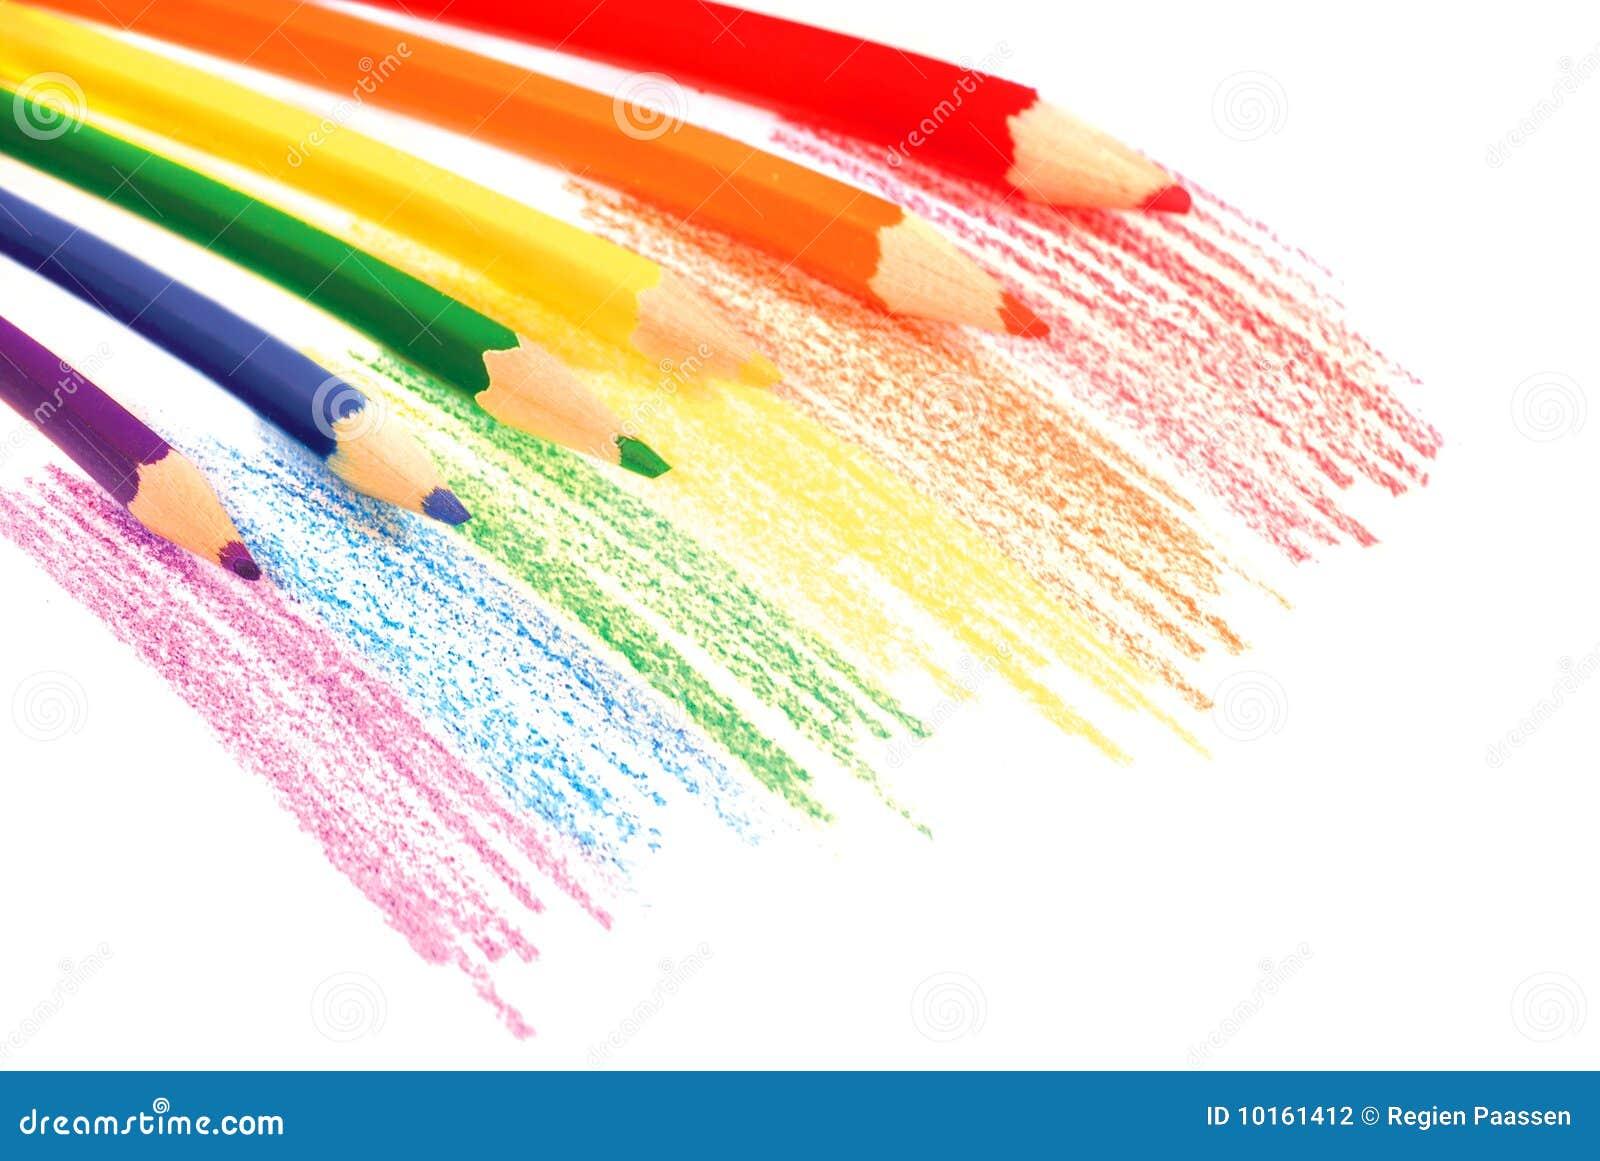 De potloden van de regenboog stock fotografie afbeelding 10161412 - Grafiek blauw grijze verf ...